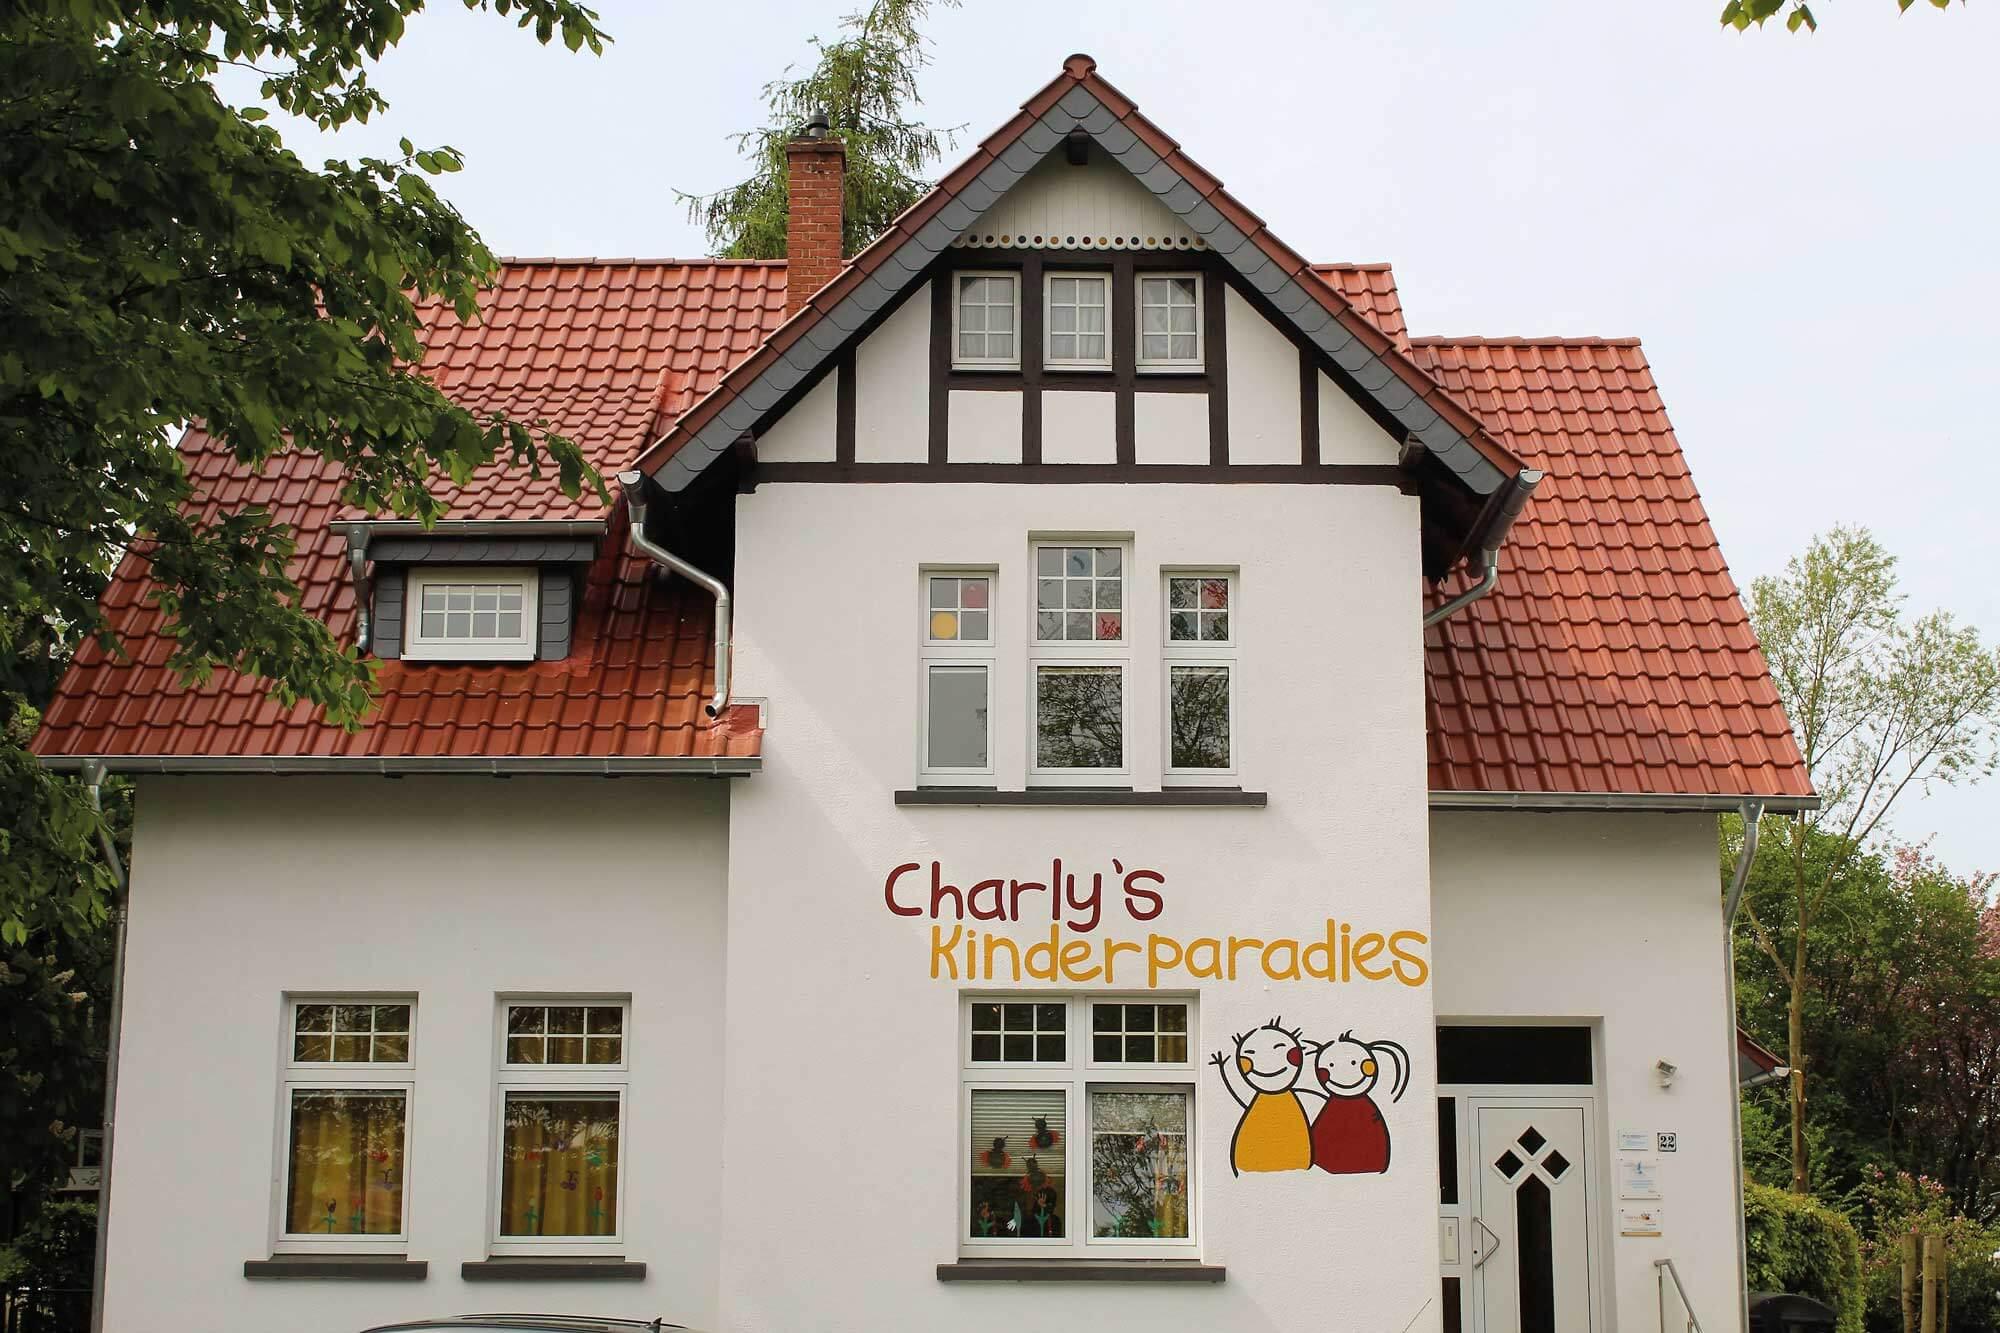 Außenaufnahme eines Charly's Kinderparadies